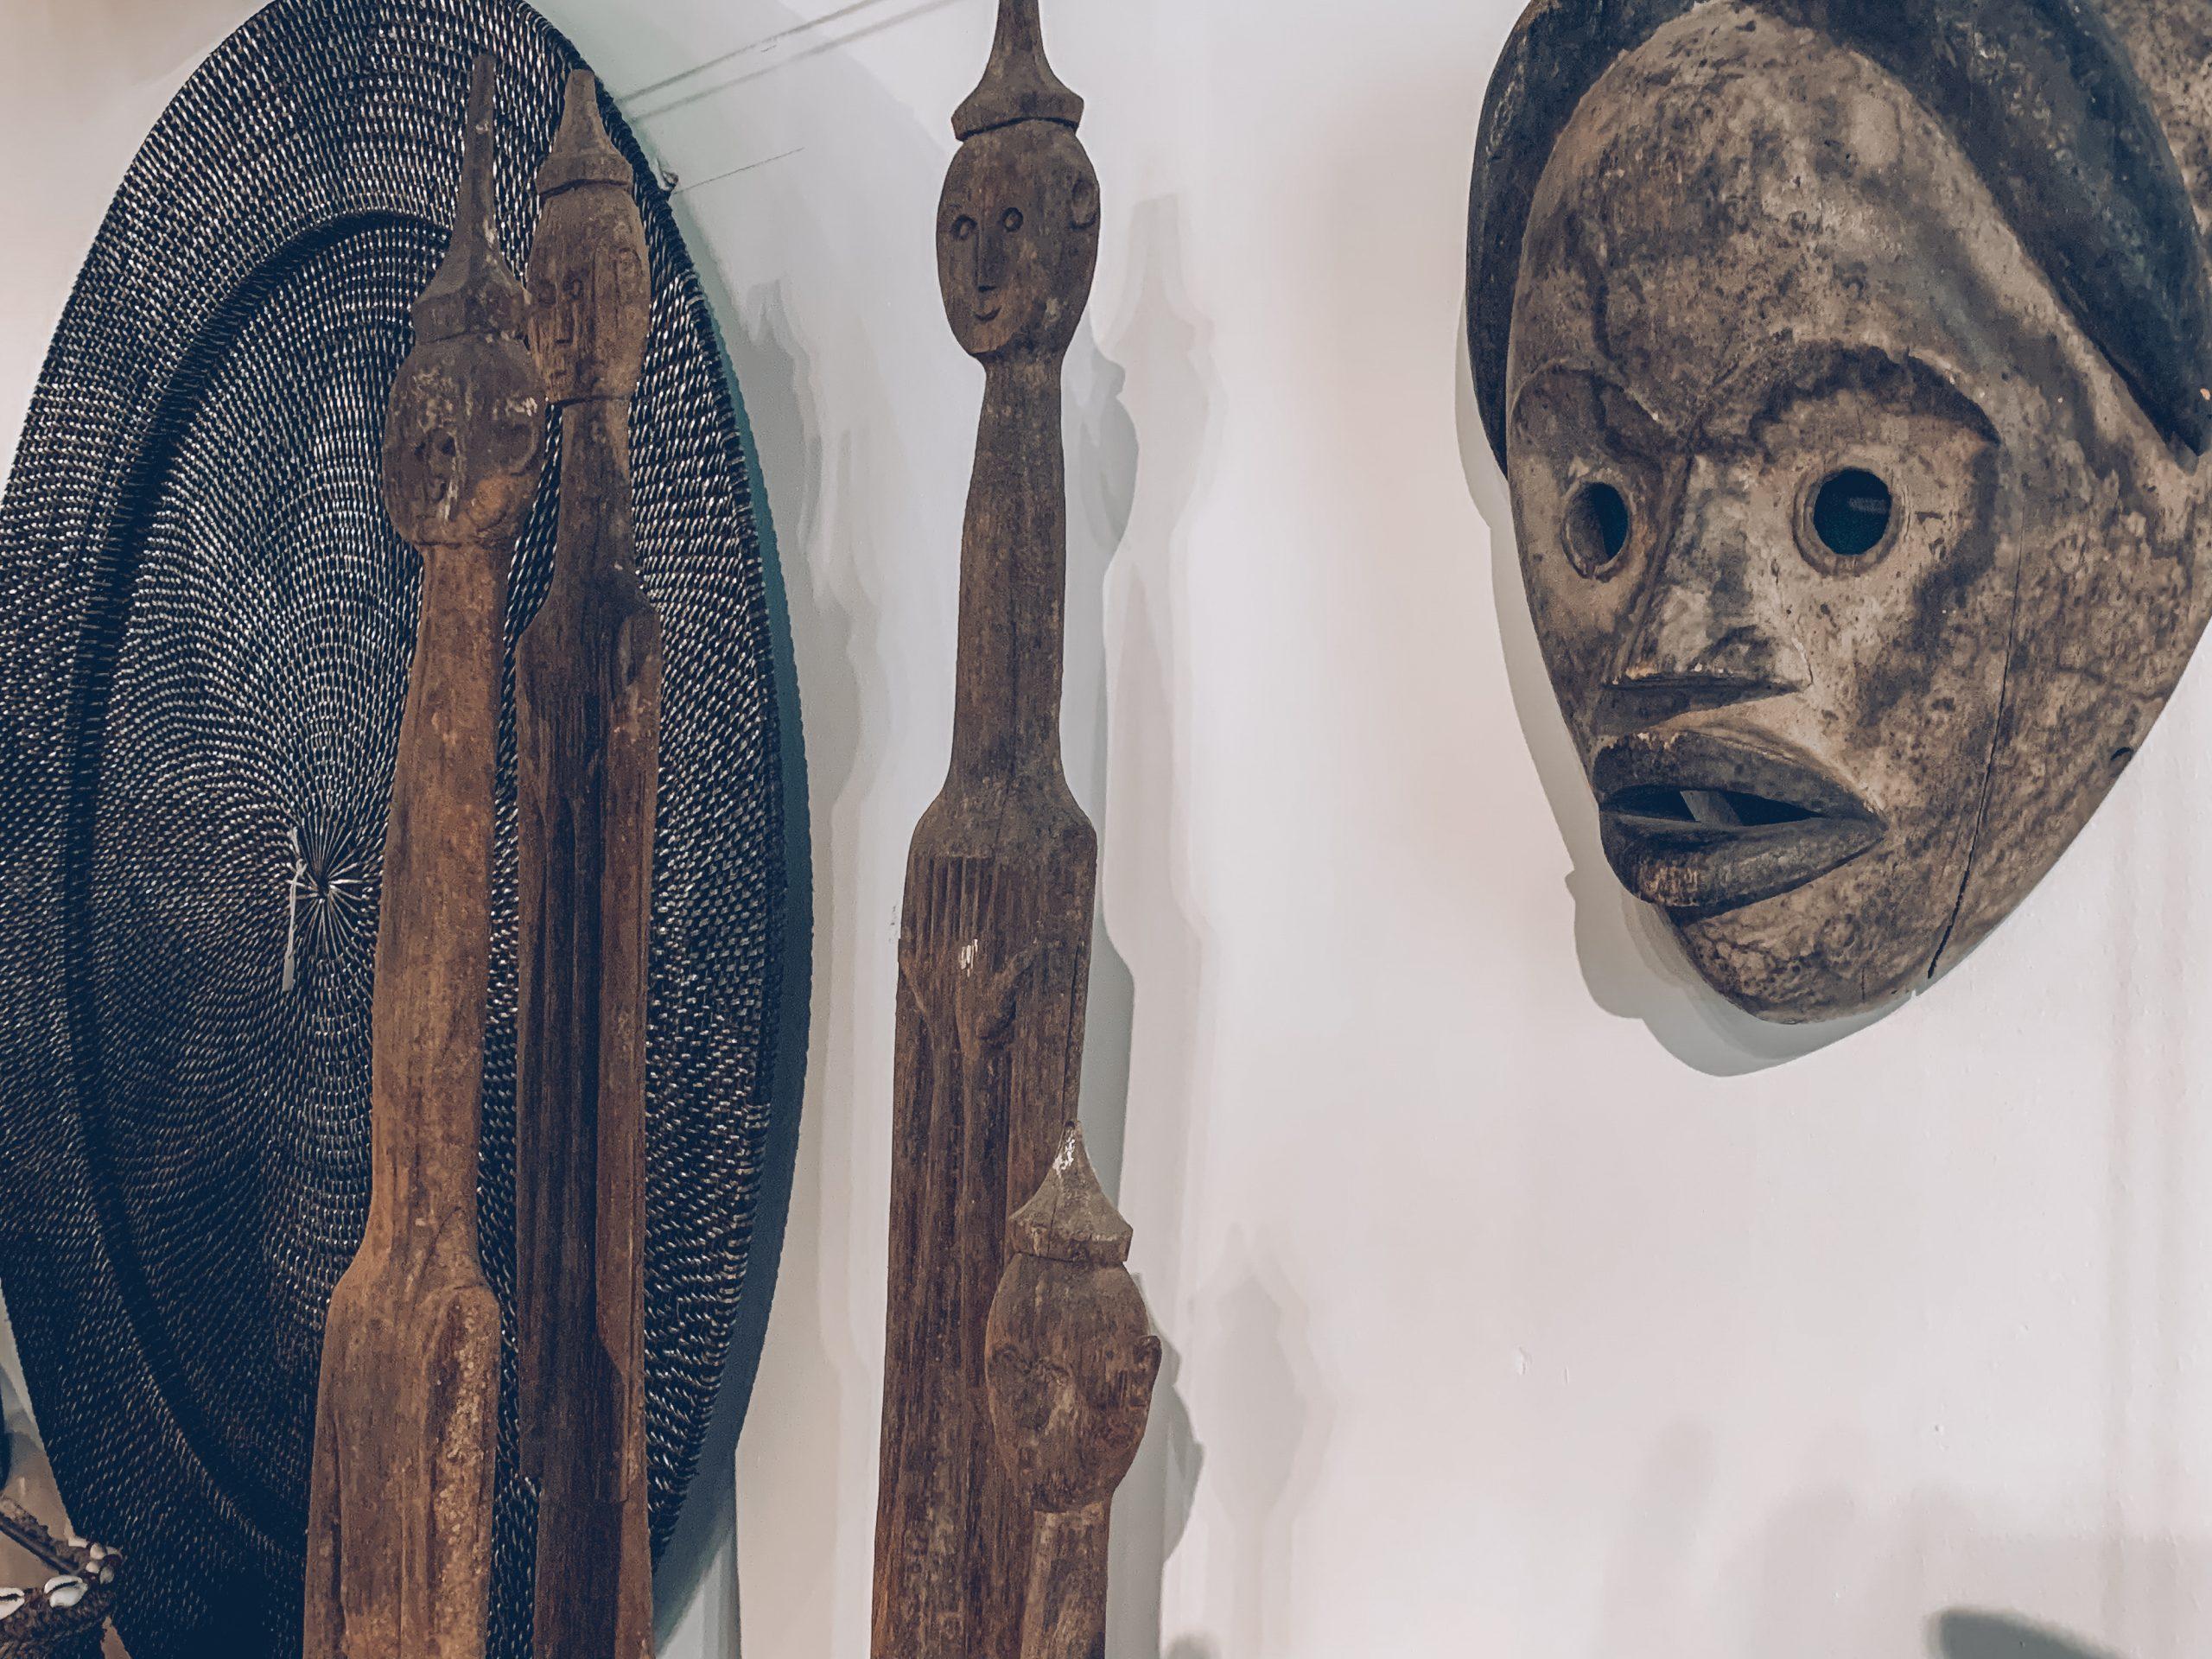 décoration murale, statue africaines, masques ethniques, magasin de décoration belgique, designers belges, décoration intérieure, jn interiors, jour et nuit liège verviers